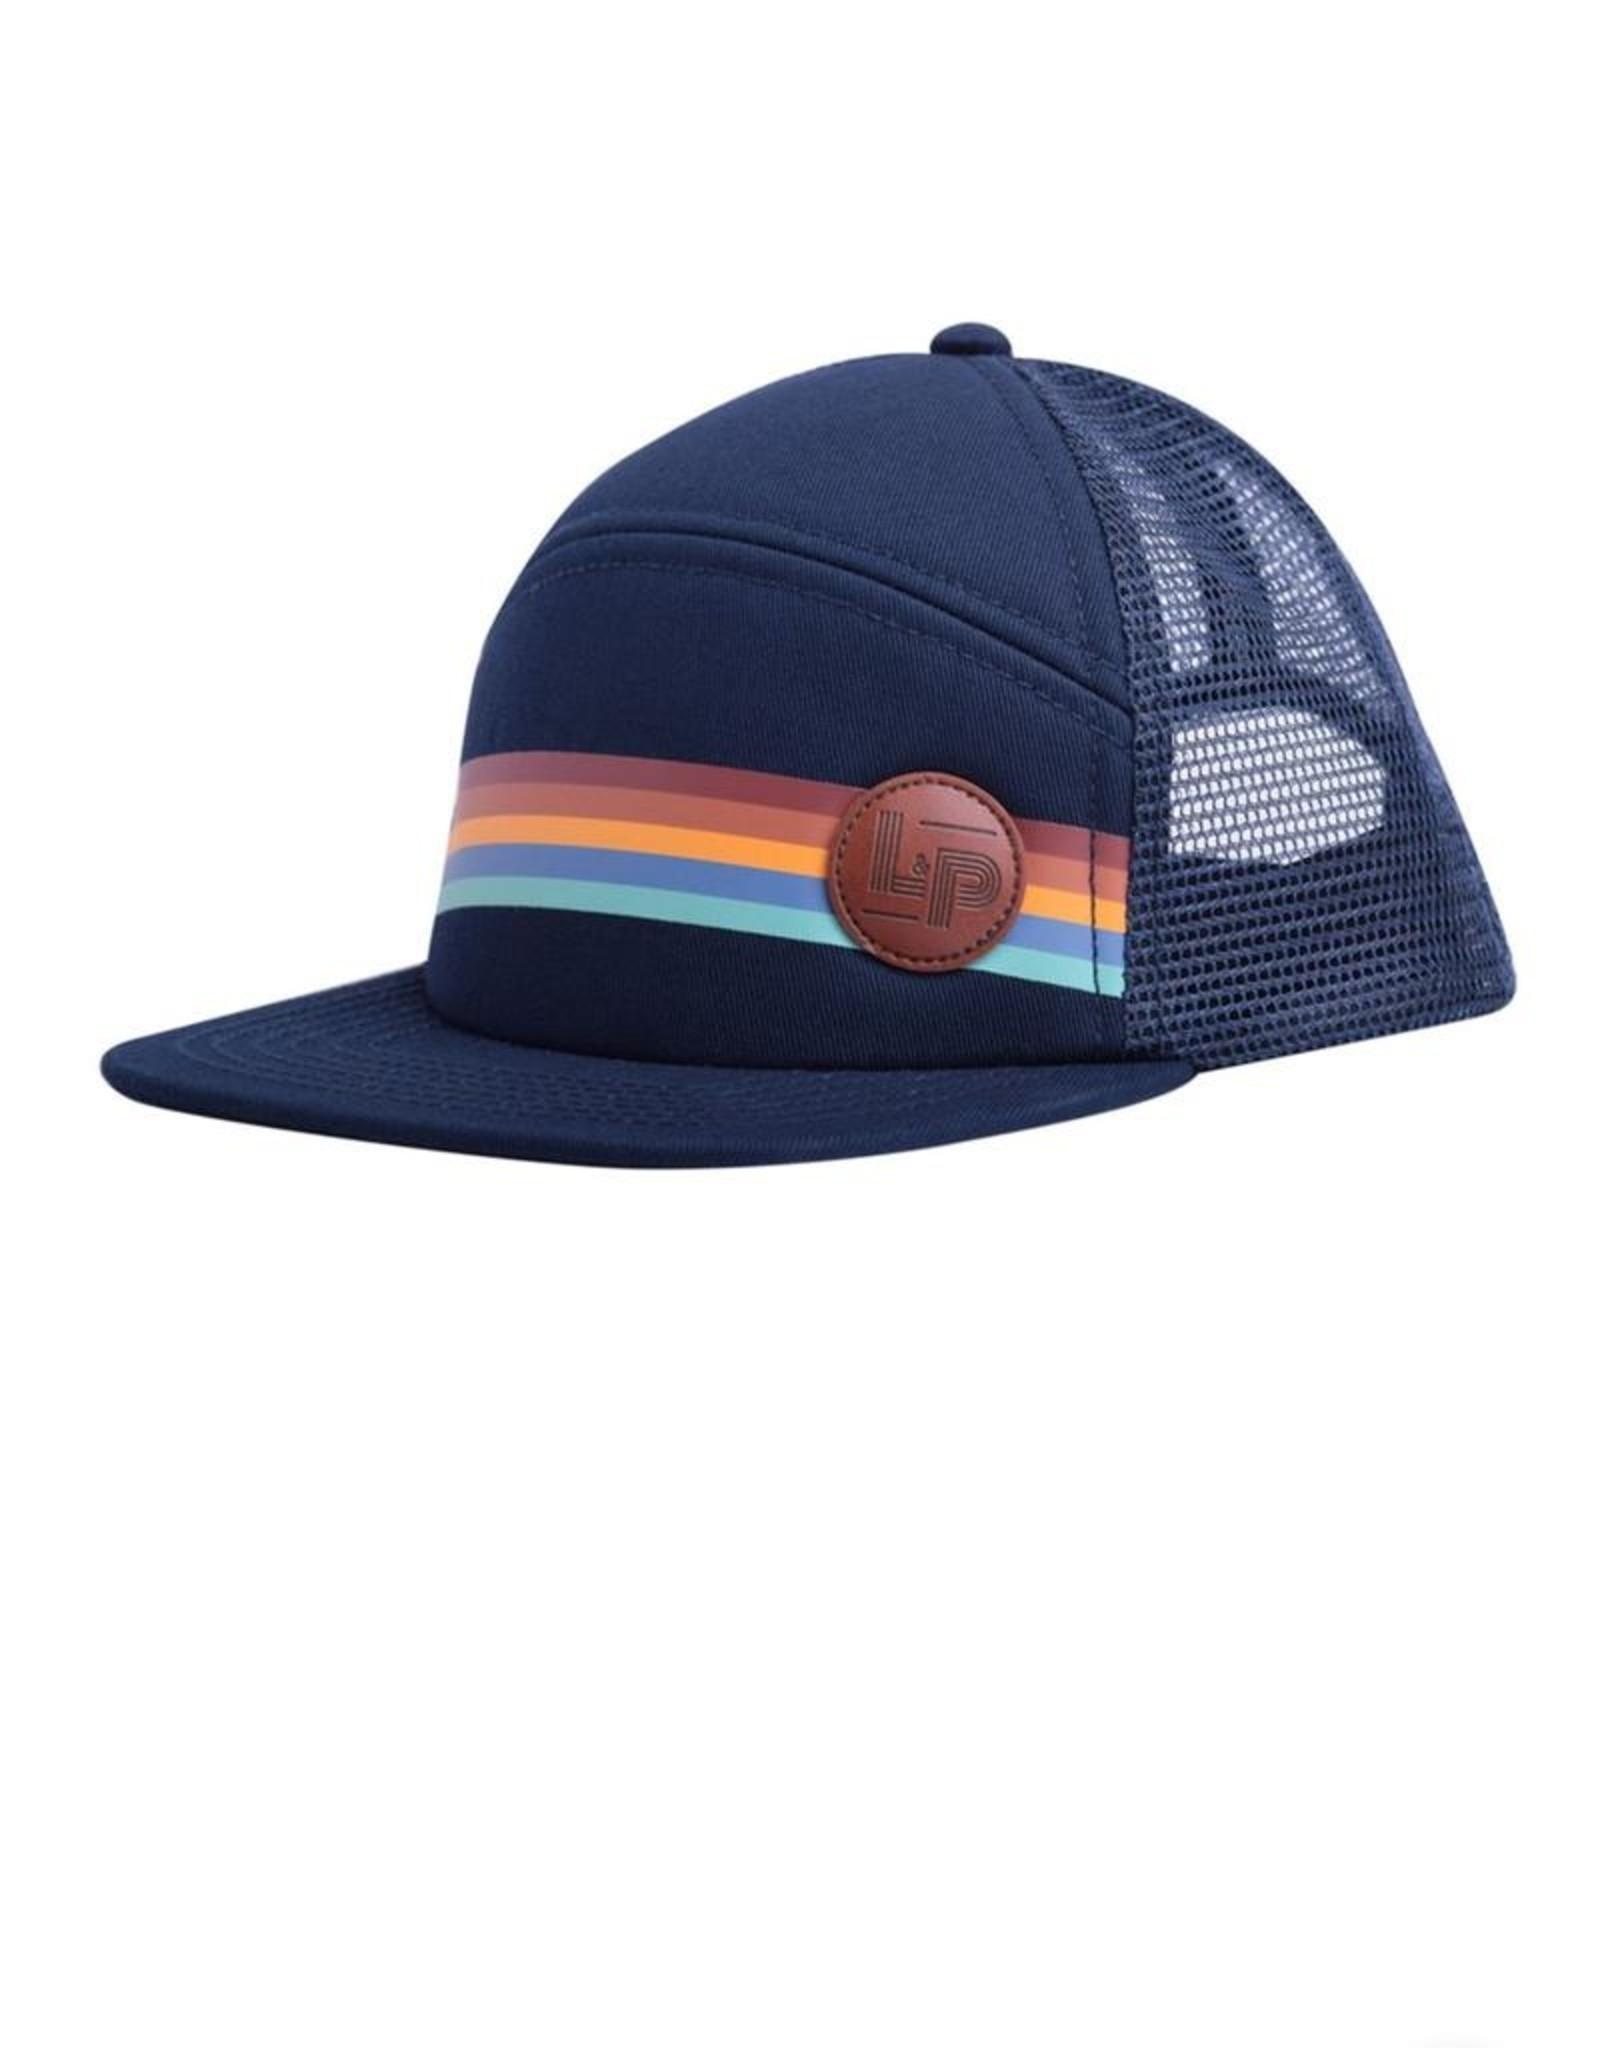 L&P Apparel Brome Snapback Cap